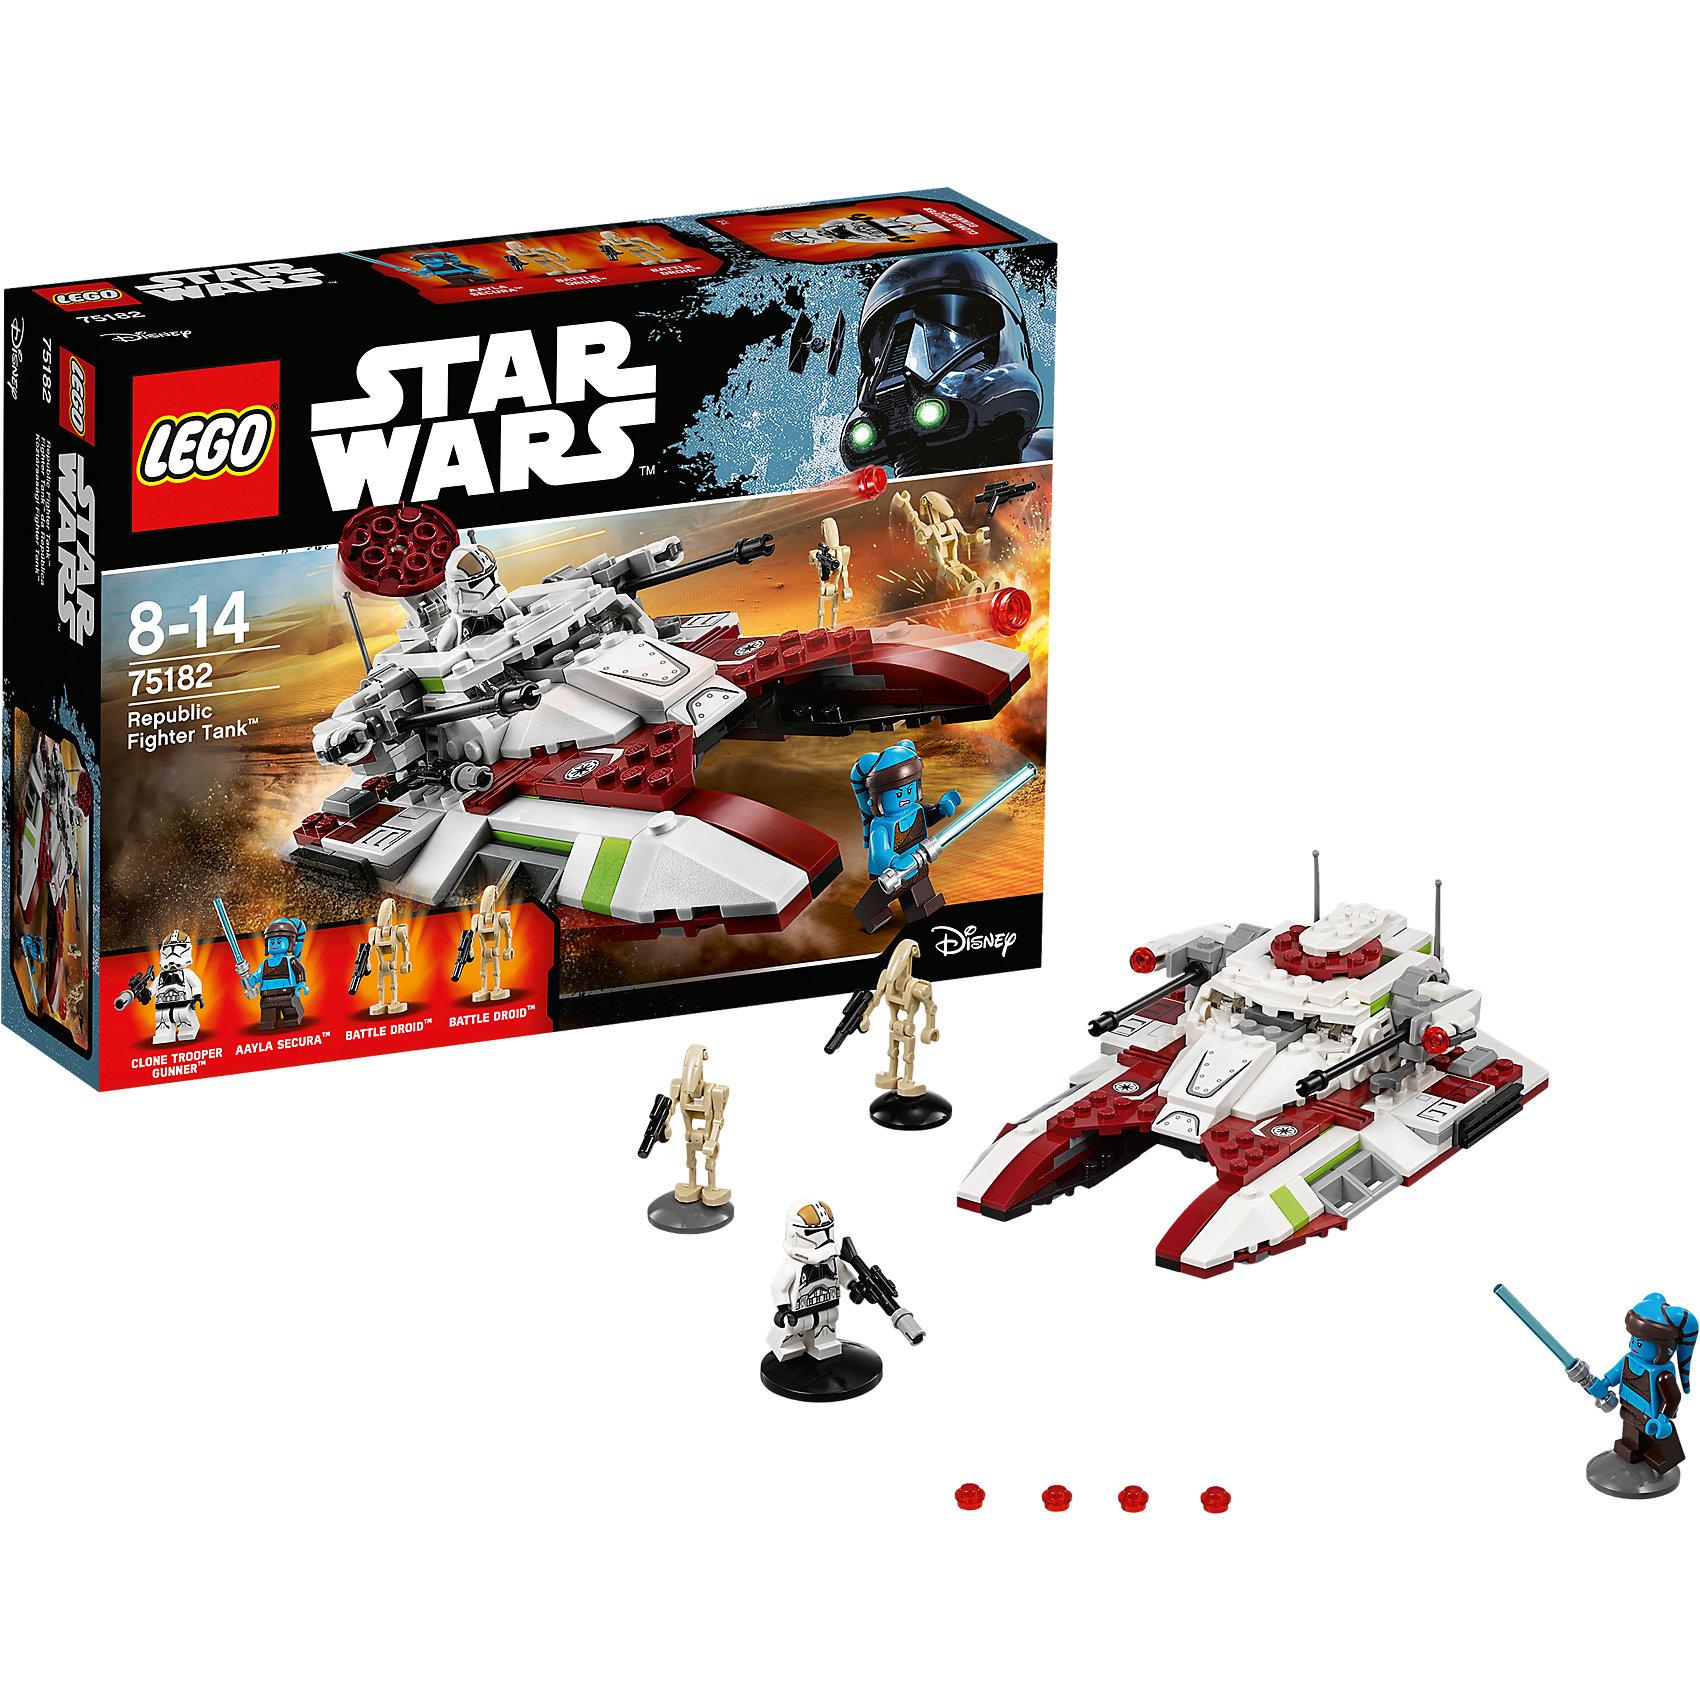 Конструктор Lego Star Wars 75182: Боевой танк РеспубликиИдеи подарков<br>Характеристики товара:<br><br>• возраст: от 8 лет;<br>• материал: пластик;<br>• в комплекте: 305 деталей;<br>• количество минифигурок: 4;<br>• размер упаковки: 26,2х19,1х6,1 см;<br>• вес упаковки: 385 гр.;<br>• страна производитель: Чехия.<br><br>Конструктор Lego Star Wars «Боевой танк Республики» создан по мотивам известной космической саги «Звездные войны». Джедай Эйла Секура сражается против дроидов Империи. Штурмовики атакуют на большом танке, который стреляет снарядами. У Эйлы в руках световой меч.<br><br>Из элементов конструктора предстоит собрать 4 фигурки персонажей и танк. Все детали выполнены из качественных безопасных материалов. В процессе сборки конструктора у детей развиваются мелкая моторика рук, усидчивость, логическое мышление.<br><br>Конструктор Lego Star Wars «Боевой танк Республики» можно приобрести в нашем интернет-магазине.<br><br>Ширина мм: 264<br>Глубина мм: 192<br>Высота мм: 66<br>Вес г: 384<br>Возраст от месяцев: 96<br>Возраст до месяцев: 2147483647<br>Пол: Мужской<br>Возраст: Детский<br>SKU: 5619983